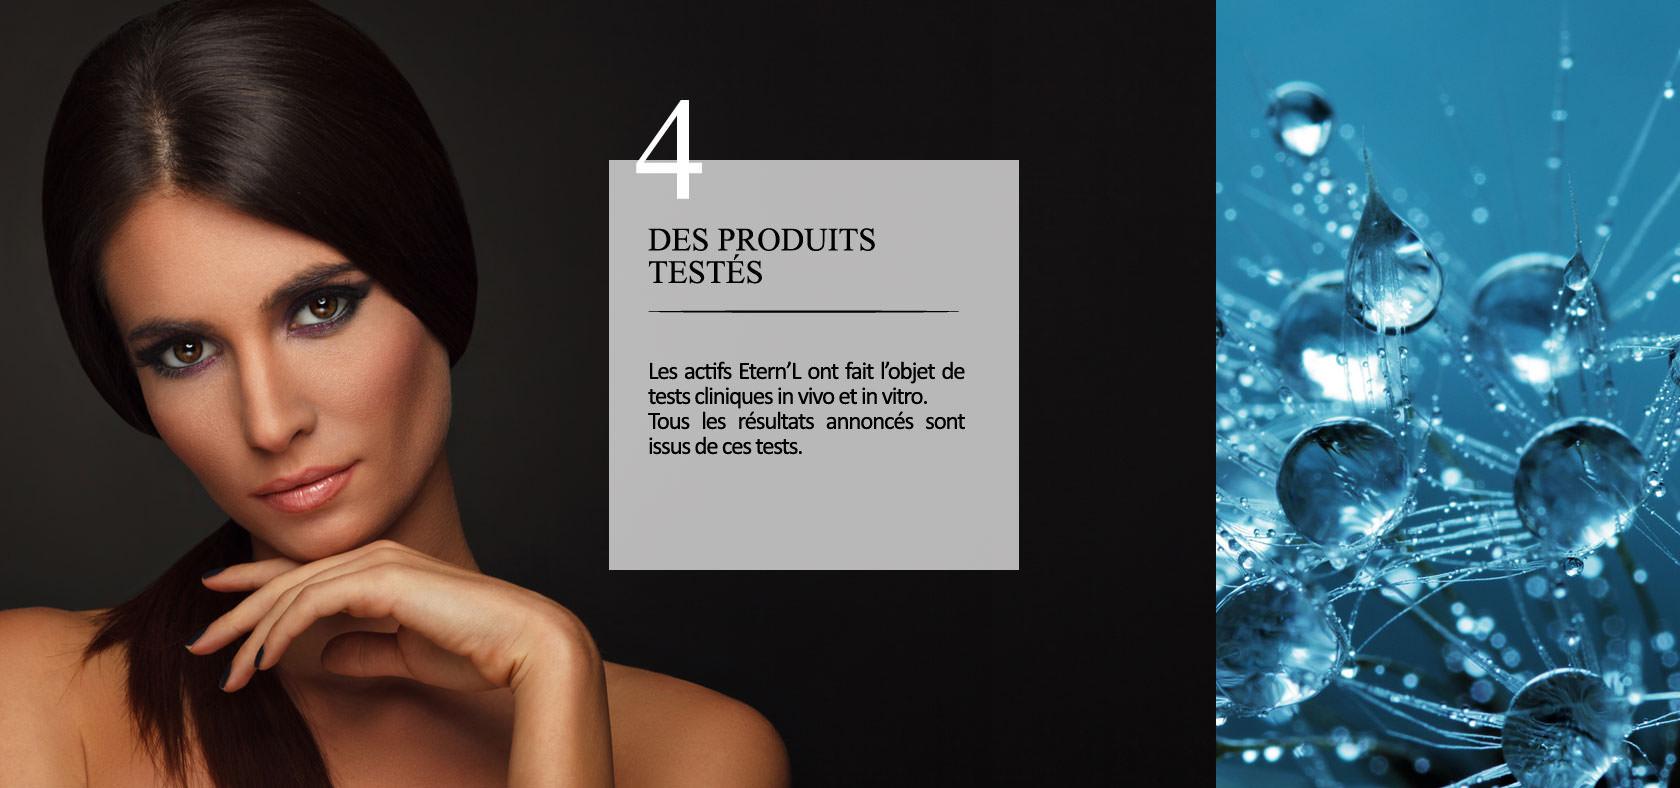 Engagement Étern'L n°4: des produits soigneusement testés